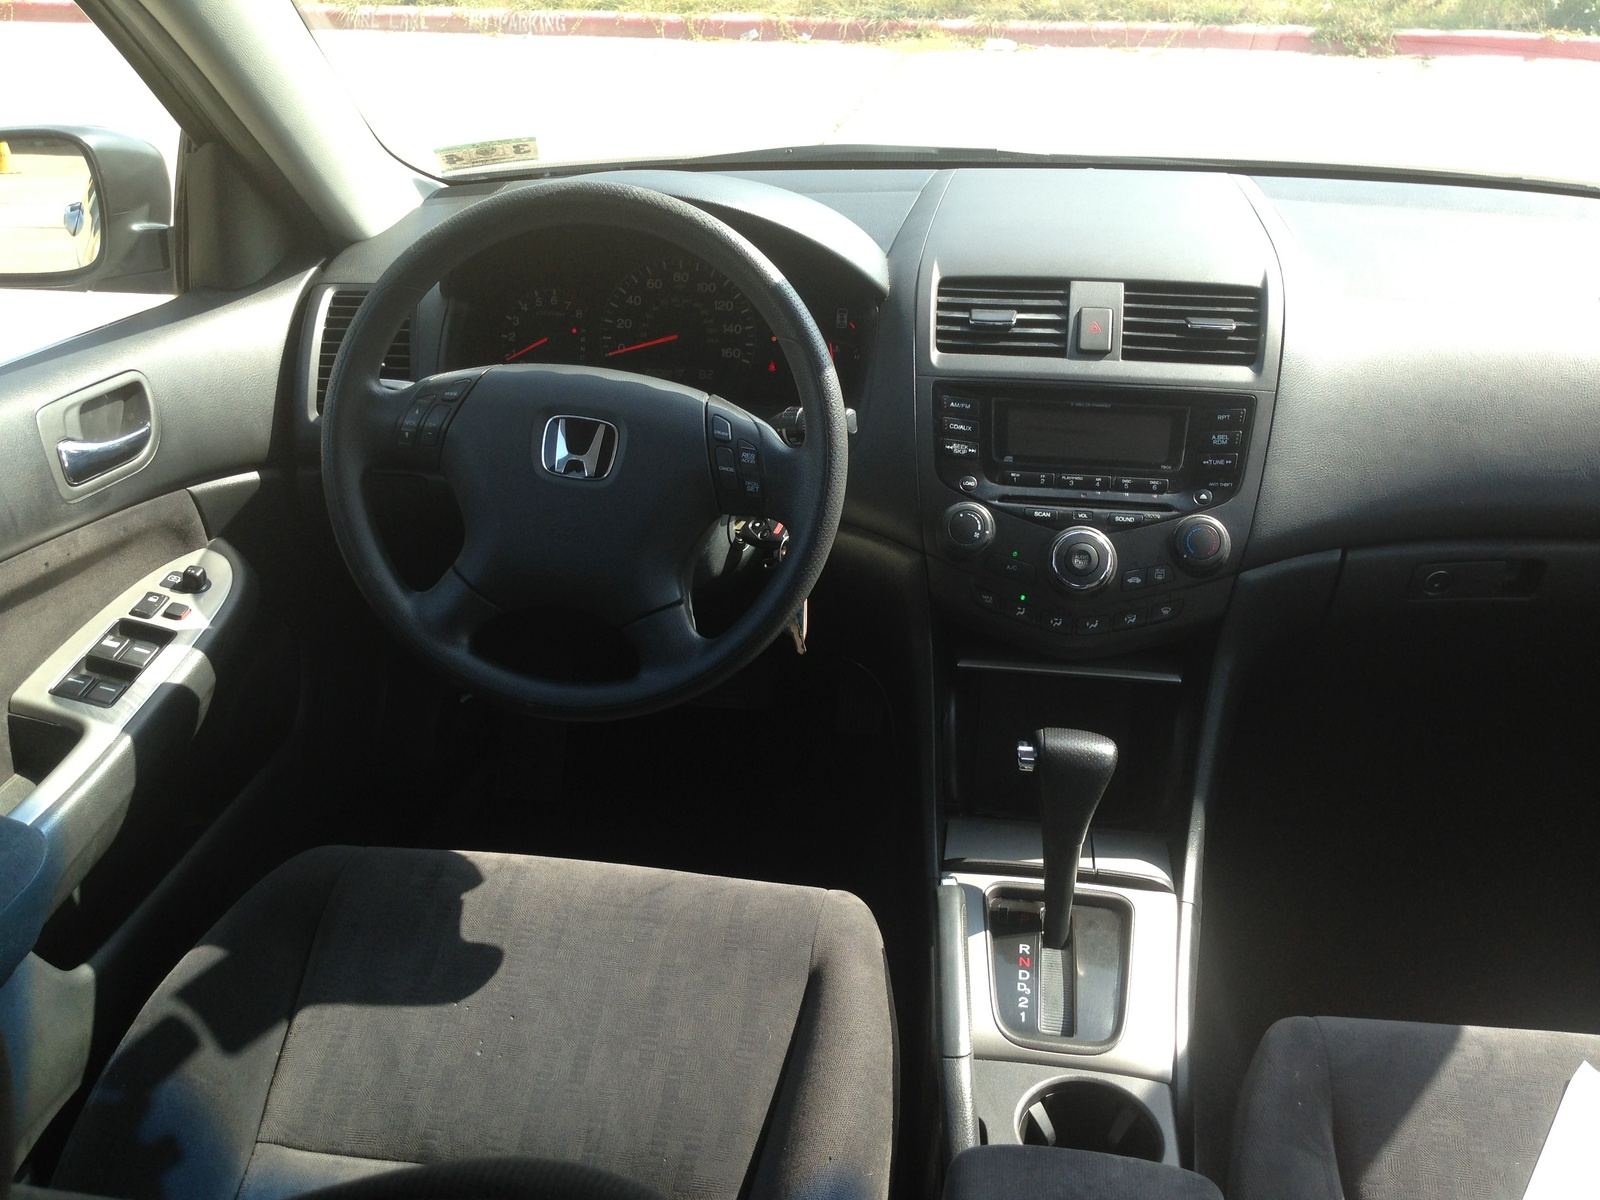 2003 Honda Accord Pictures Cargurus